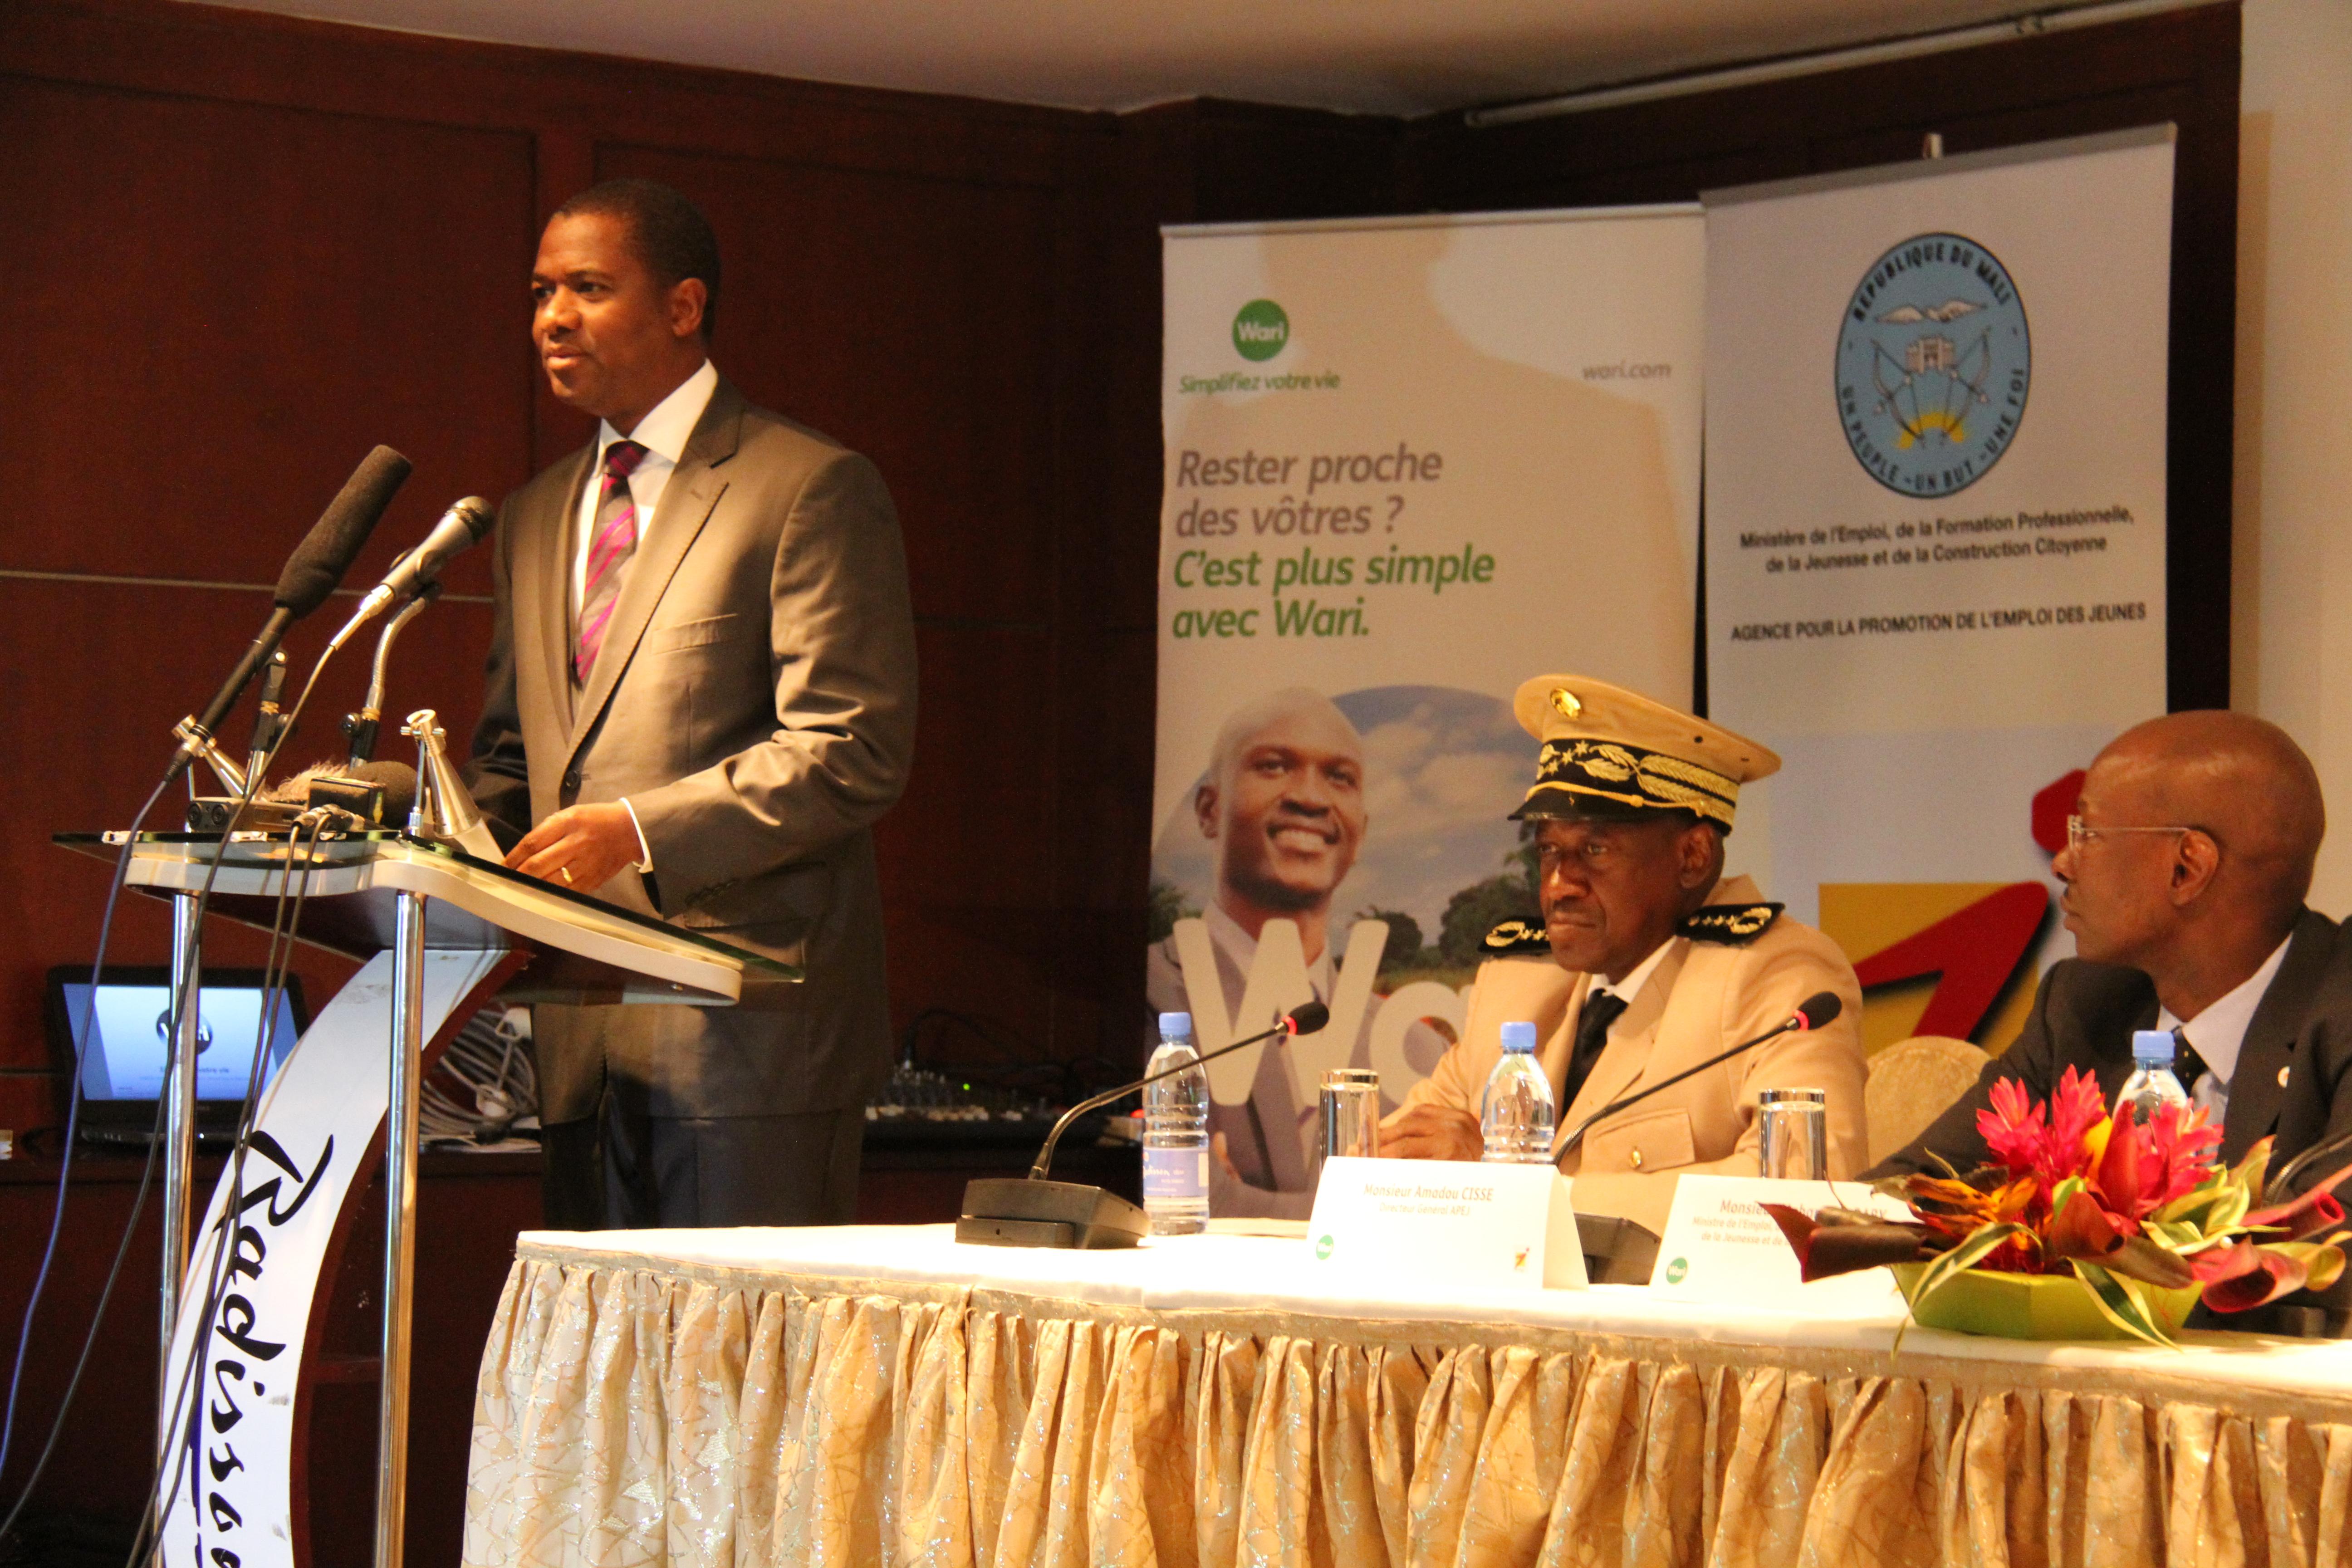 Partenariat Public-Privé : APEJ/Wari pour la création de 6 000 emplois jeunes au Mali